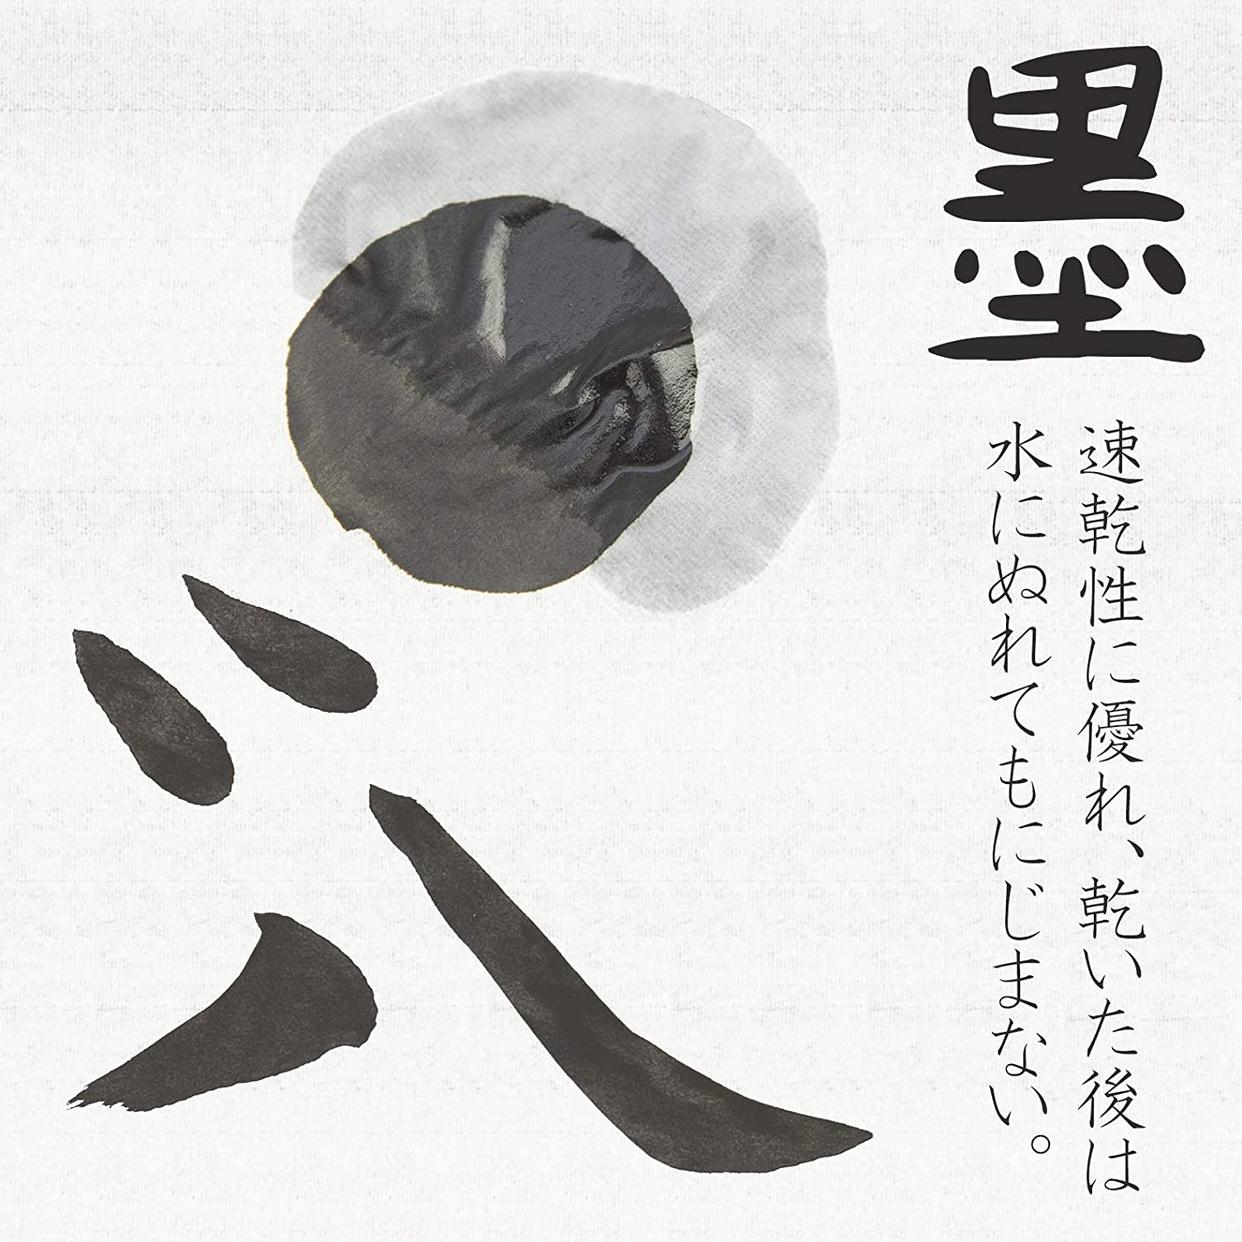 墨運堂 墨の精 墨液 12207の商品画像5